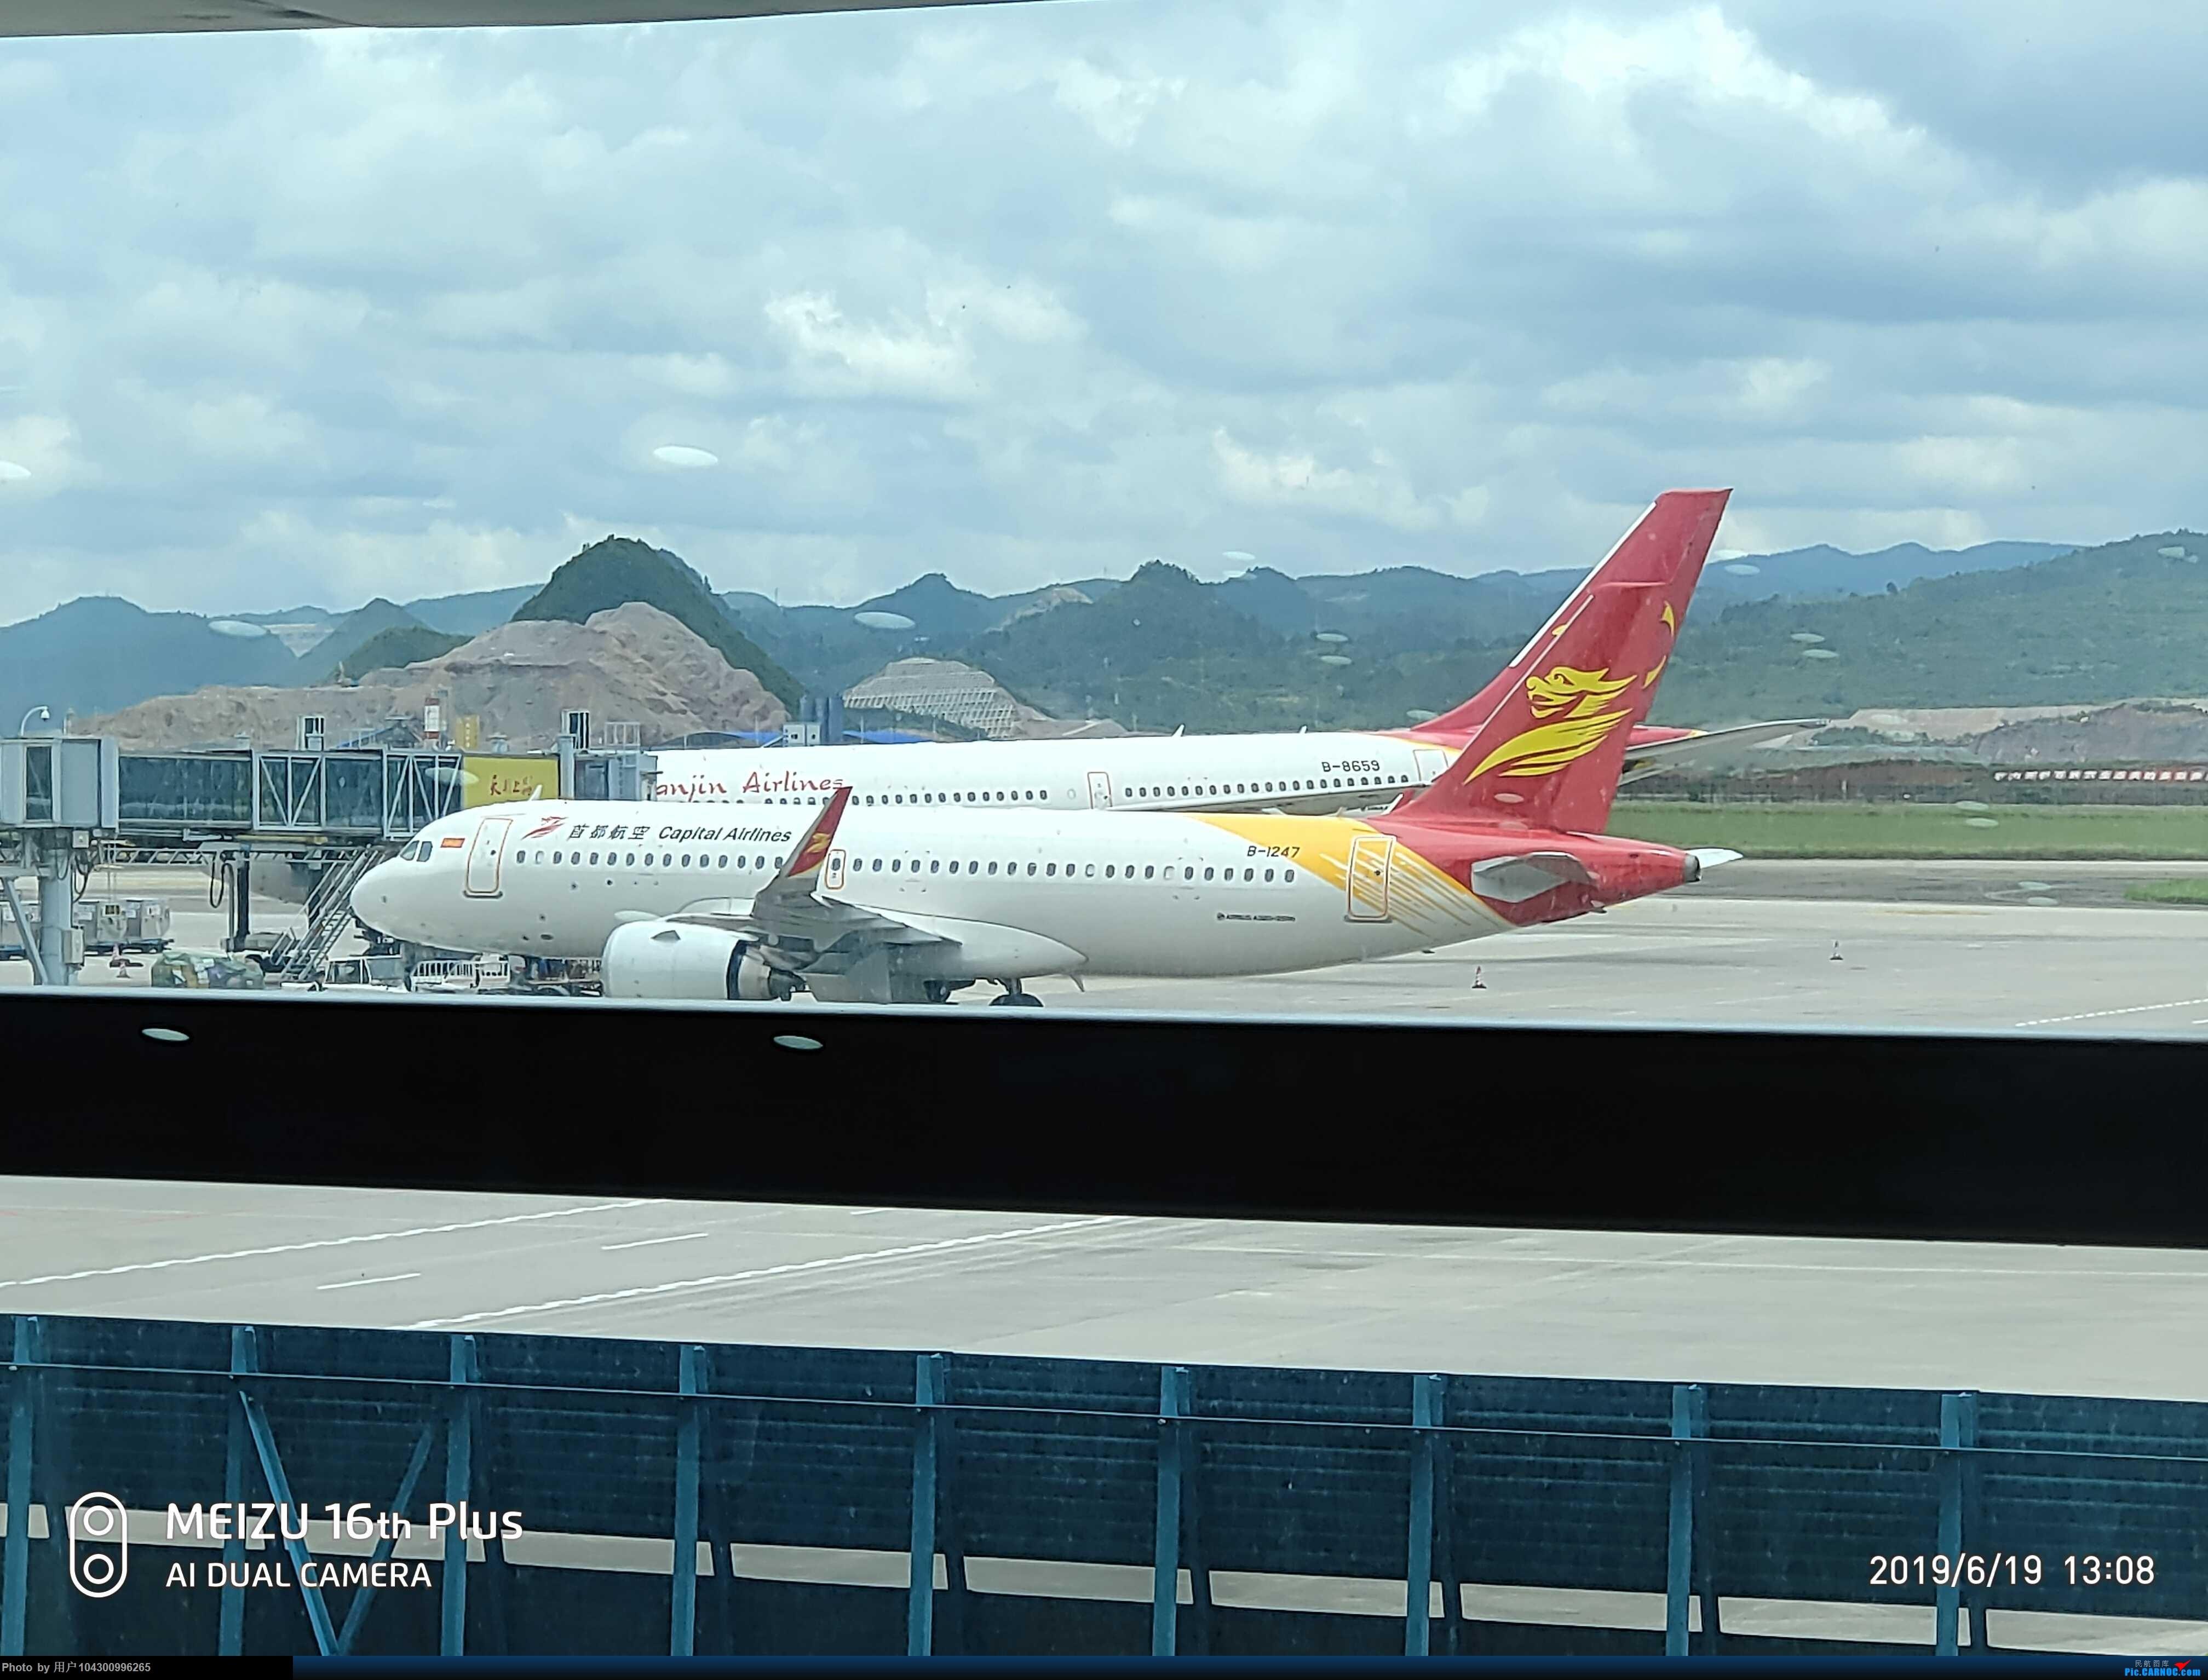 Re:[原创]DM哥飞行游记--贵阳往返荔波2日游 AIRBUS A320NEO B-1247 中国贵阳龙洞堡国际机场